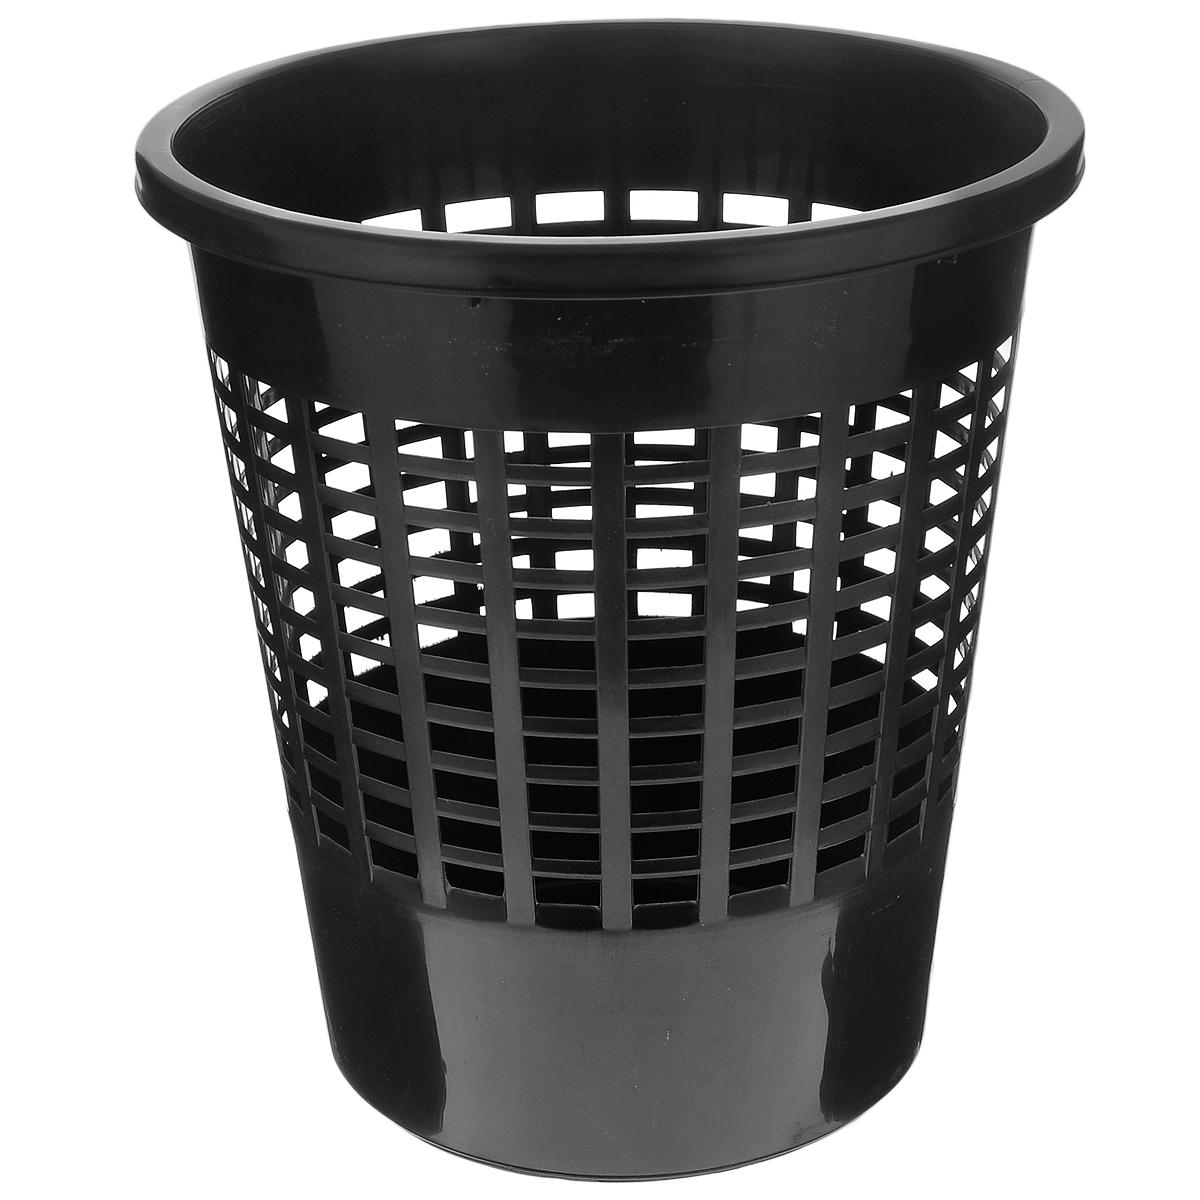 Корзина для бумаг Curver Basics, цвет: черный, высота 30 см04022-101-66Корзина Curver Basics выполнена из пластика и предназначена для сбора мелкого мусора и бумаг. Стенки корзины оформлены перфорацией. Корзина впишется в интерьер гостиной, спальни, офиса или кабинета. Диаметр корзины: 27 см. Высота корзины: 30 см.